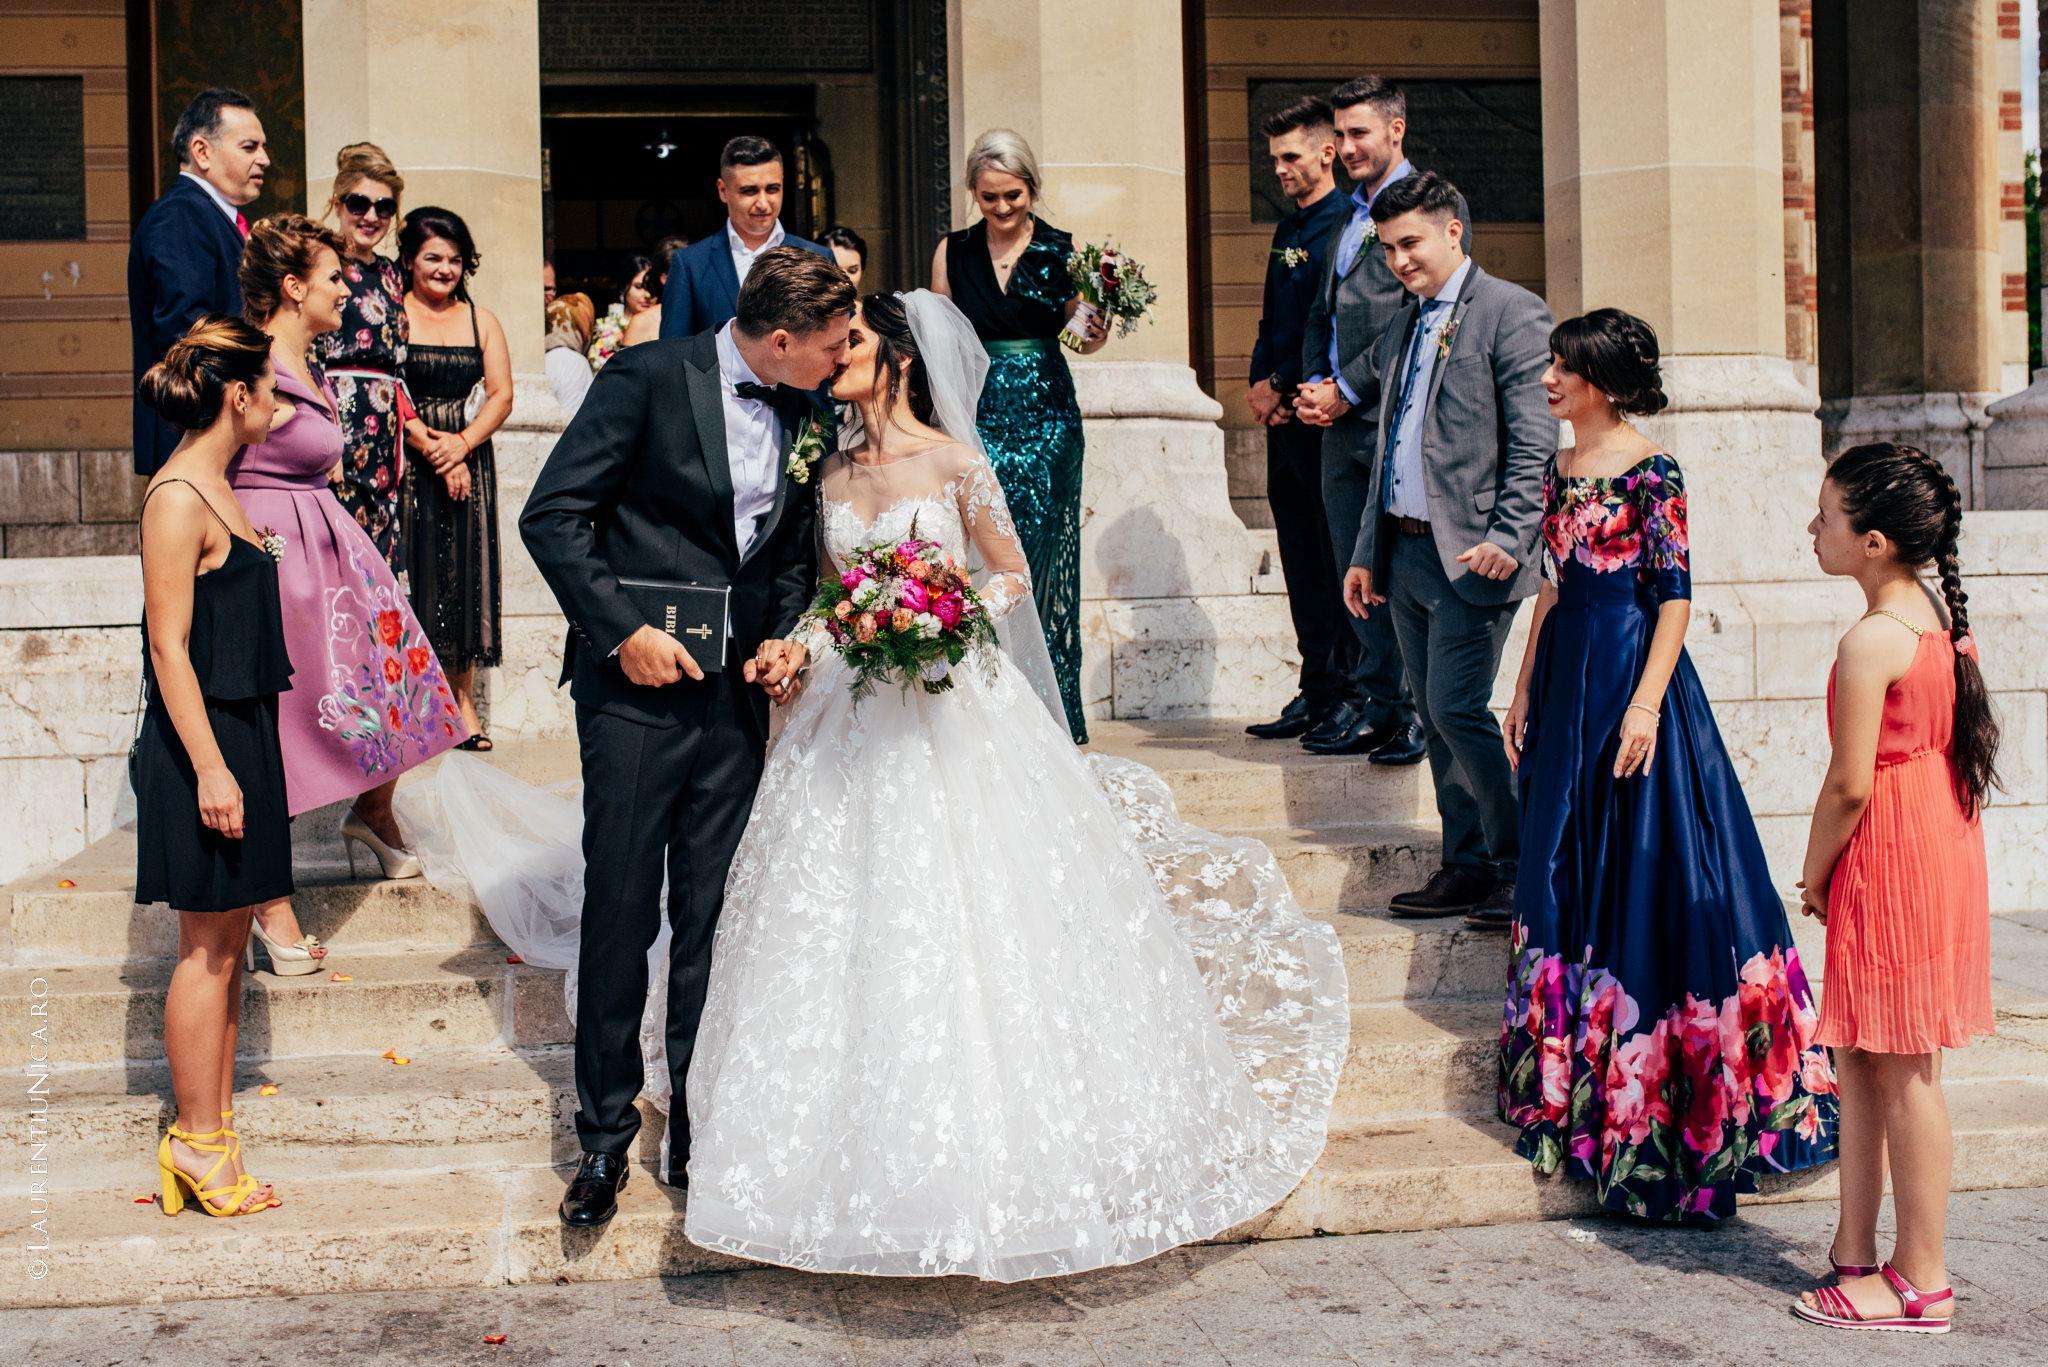 fotografii nunta denisa si florin craiova 52 - Denisa & Florin | Fotografii nunta | Craiova